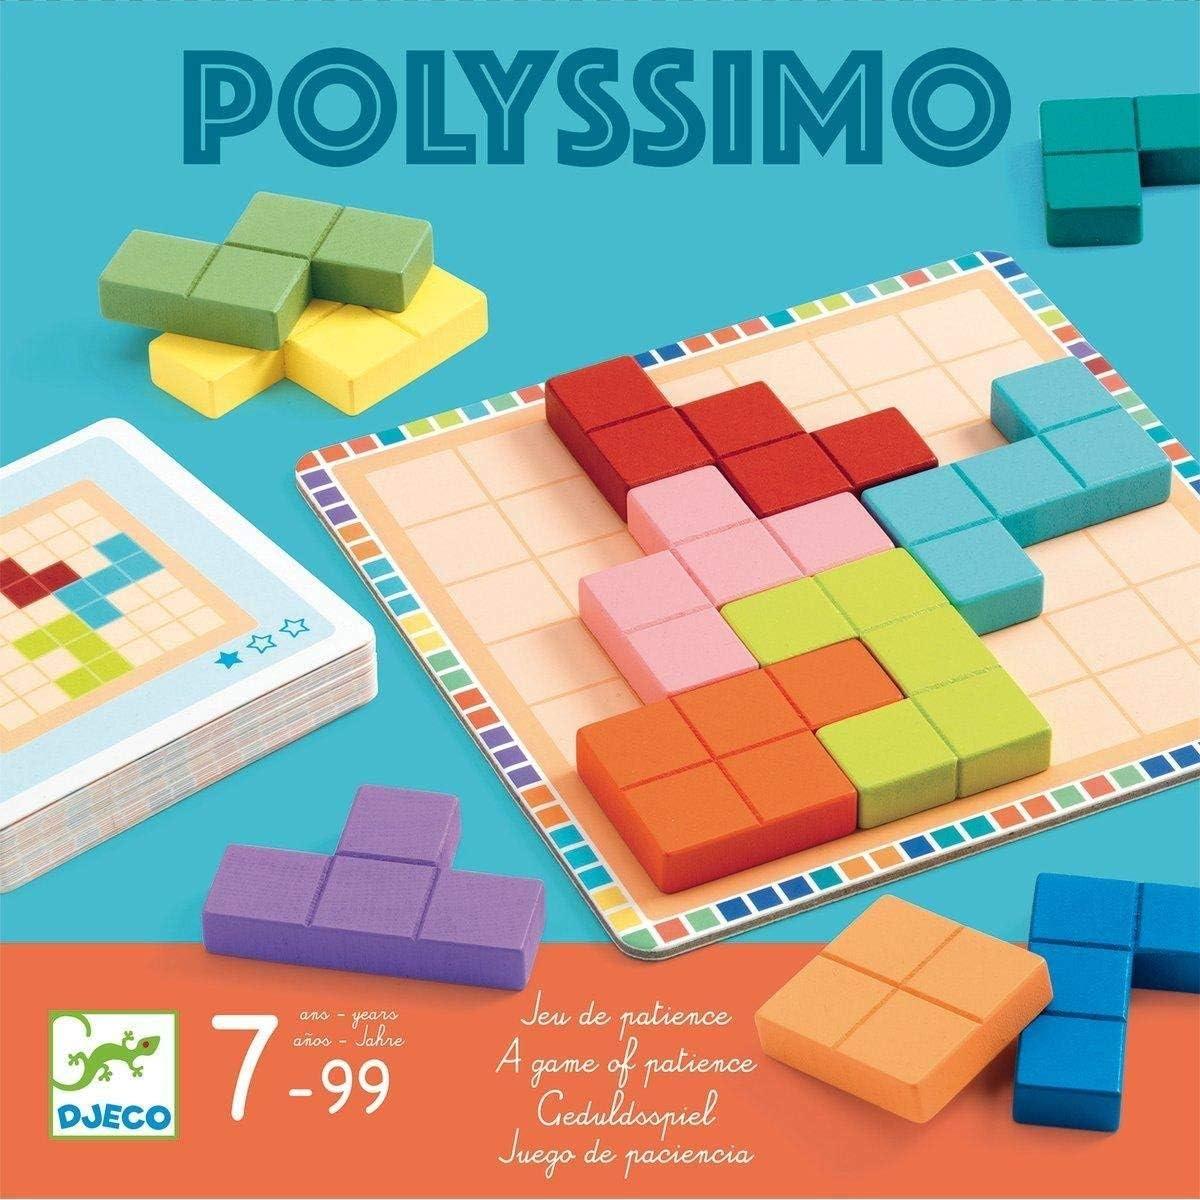 DJECO Polyssimo - Juego de lógica, Multicolor: Amazon.es: Juguetes ...